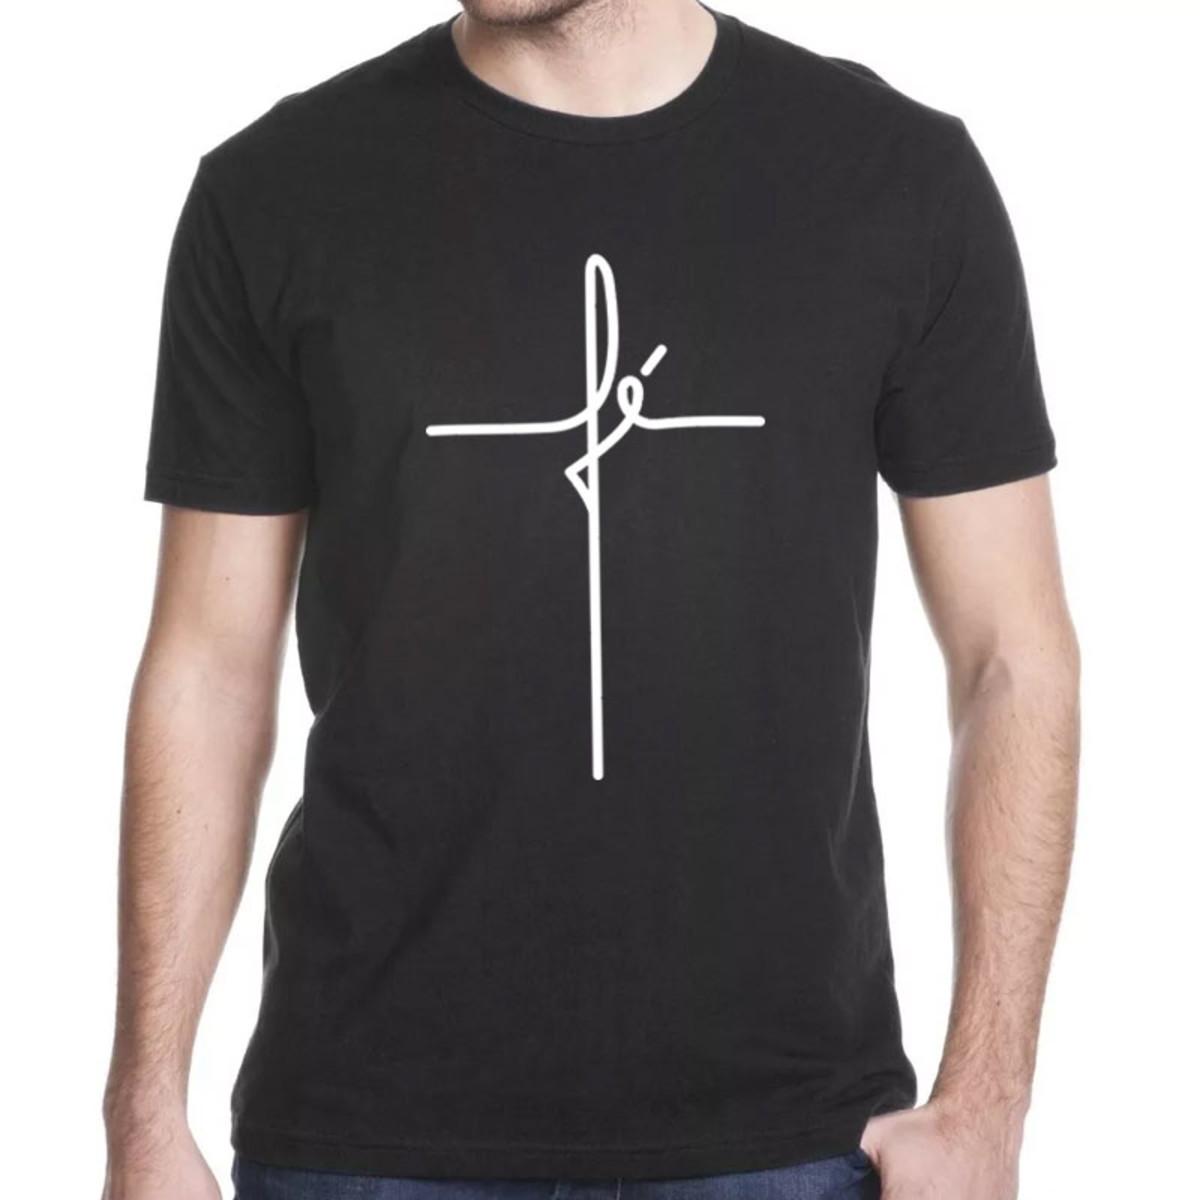 097caf324 Camiseta Católica Fé Cruz no Elo7